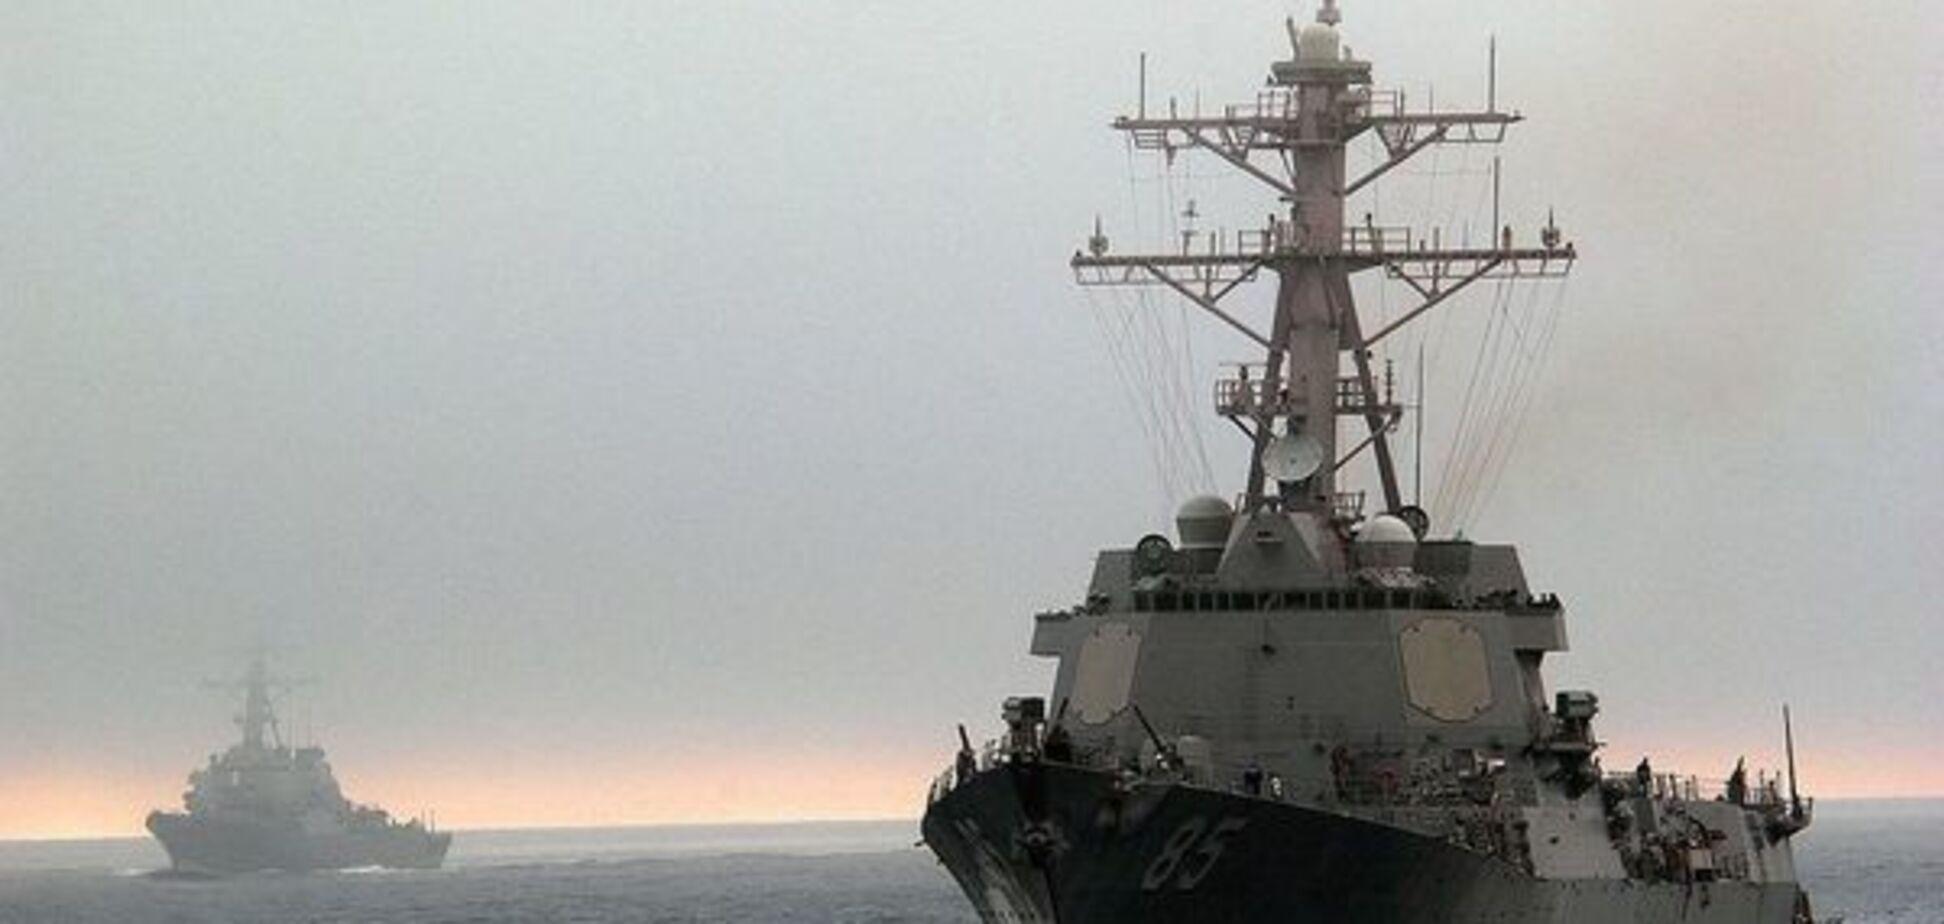 Не санкции: адмирал сказал, как остановить агрессию Путина против Украины